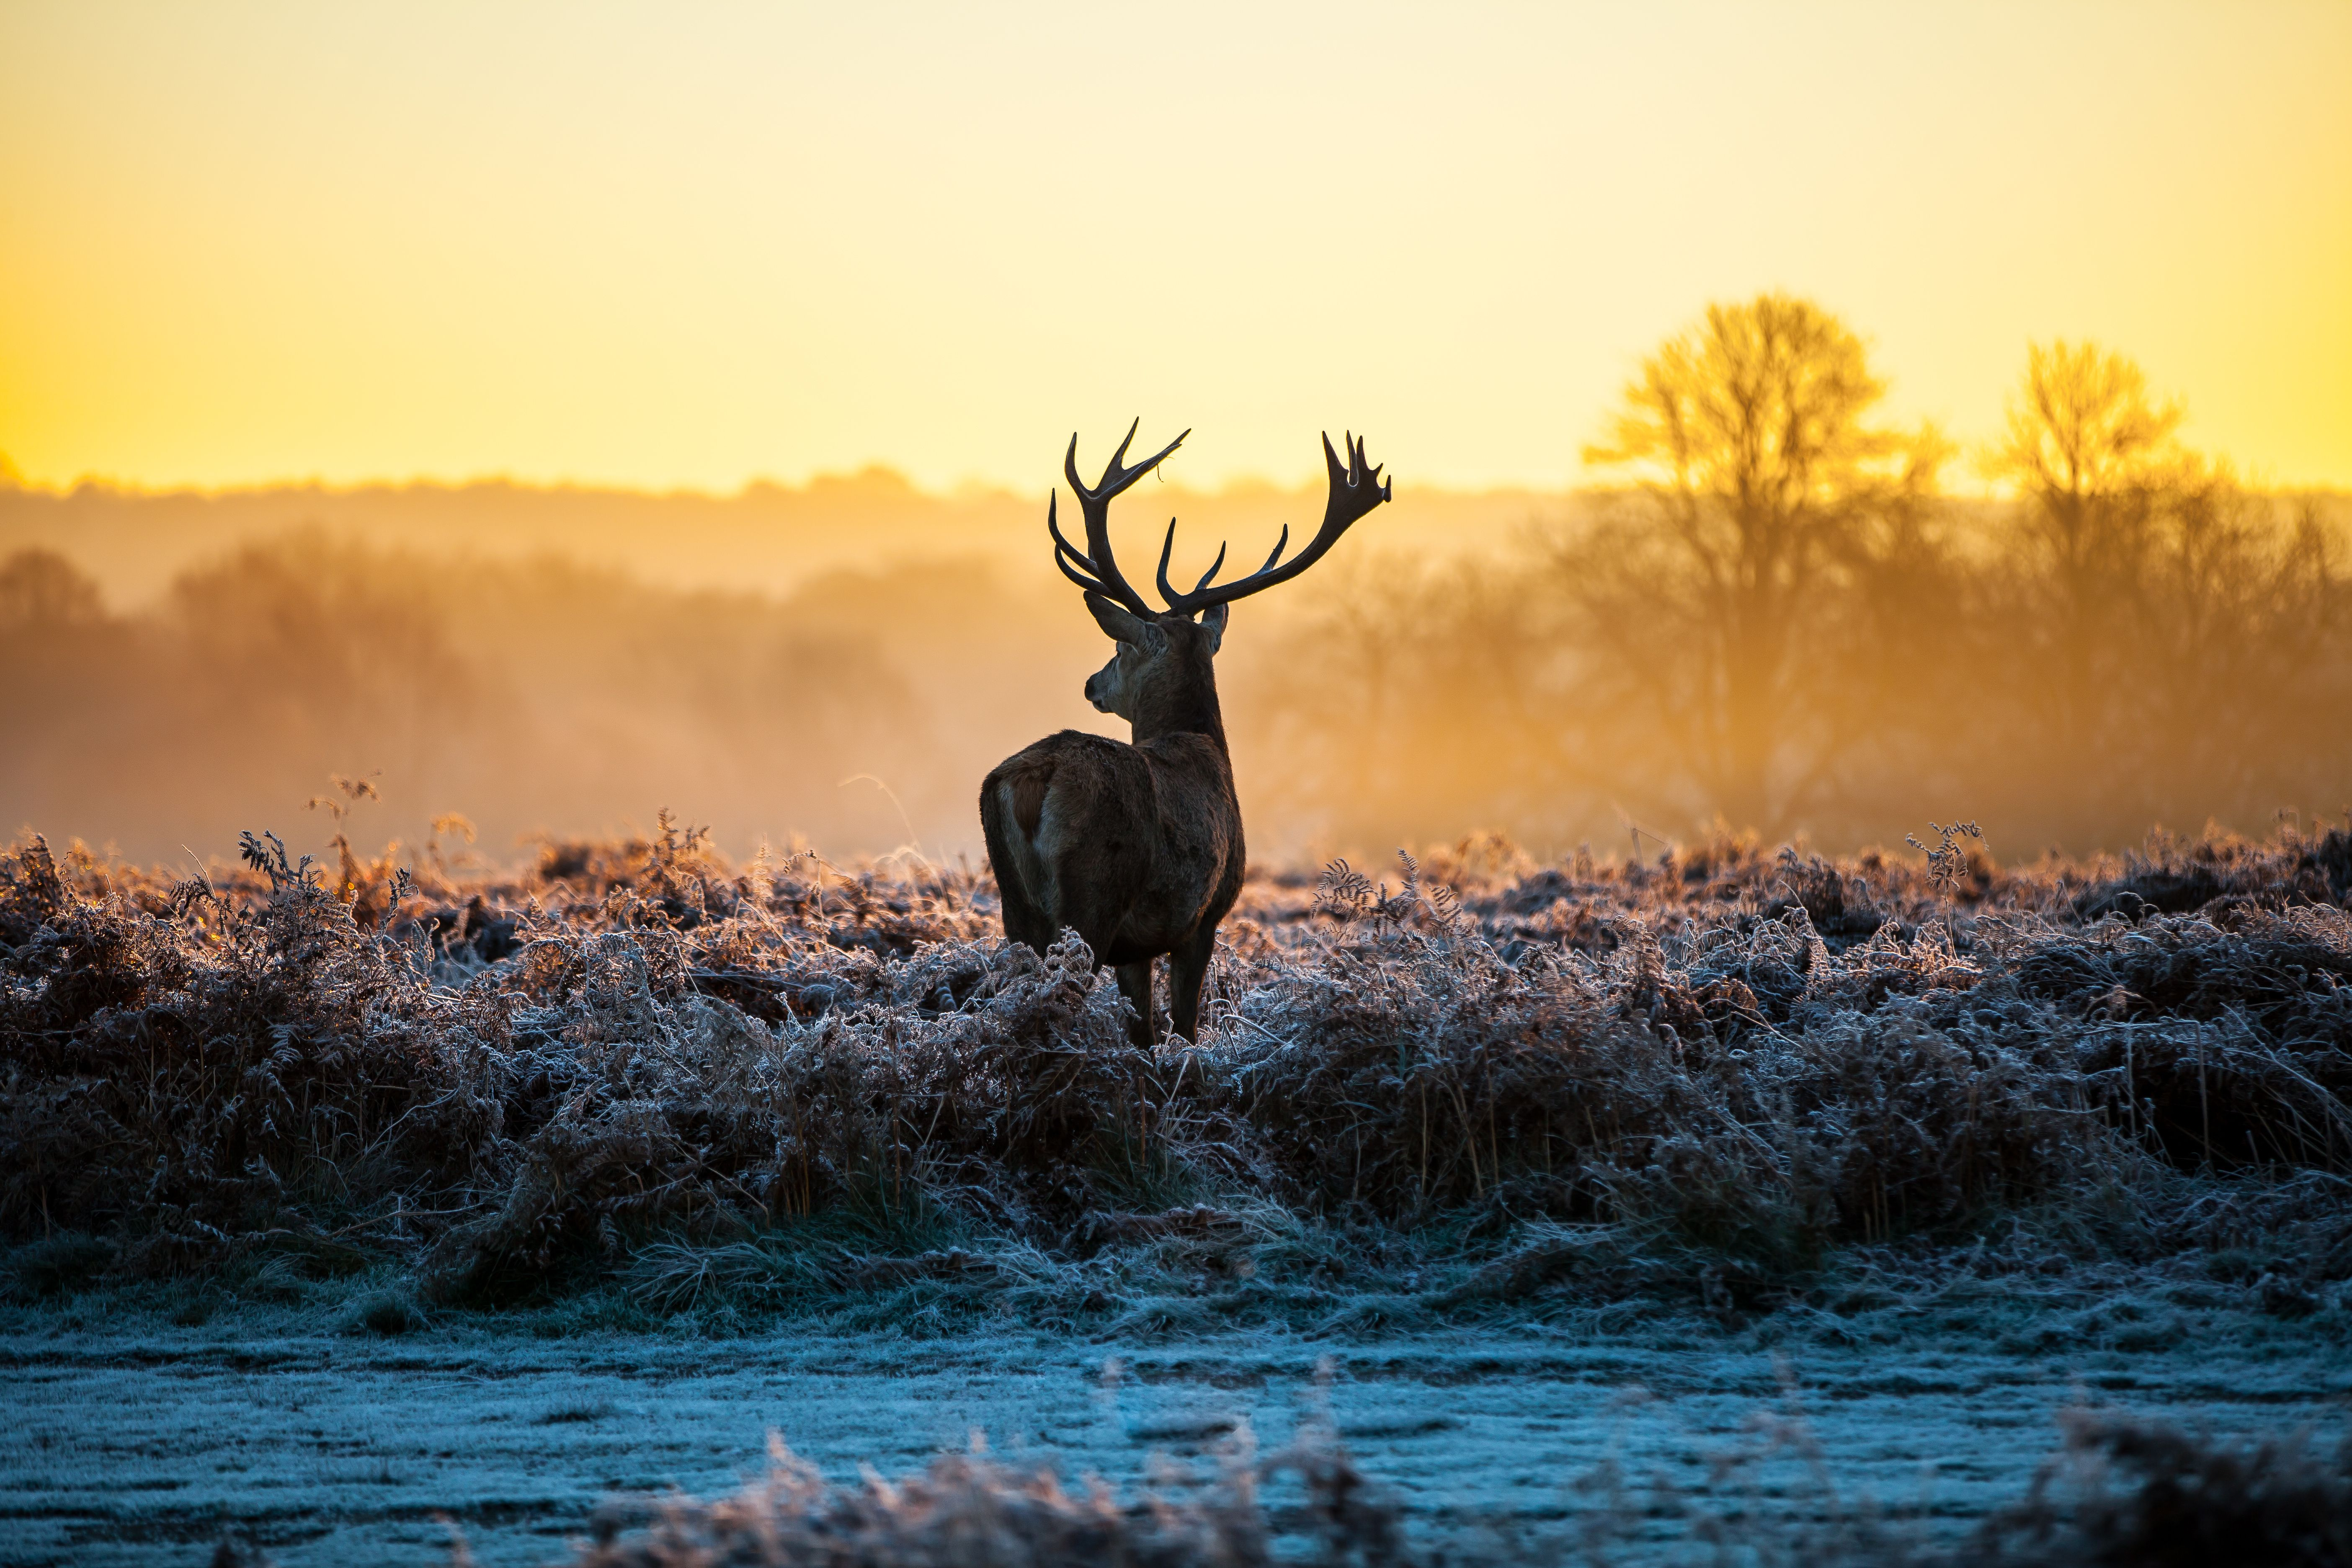 5616x3744 تنزيل جديد Deer Wallpaper HD Resolution VQ